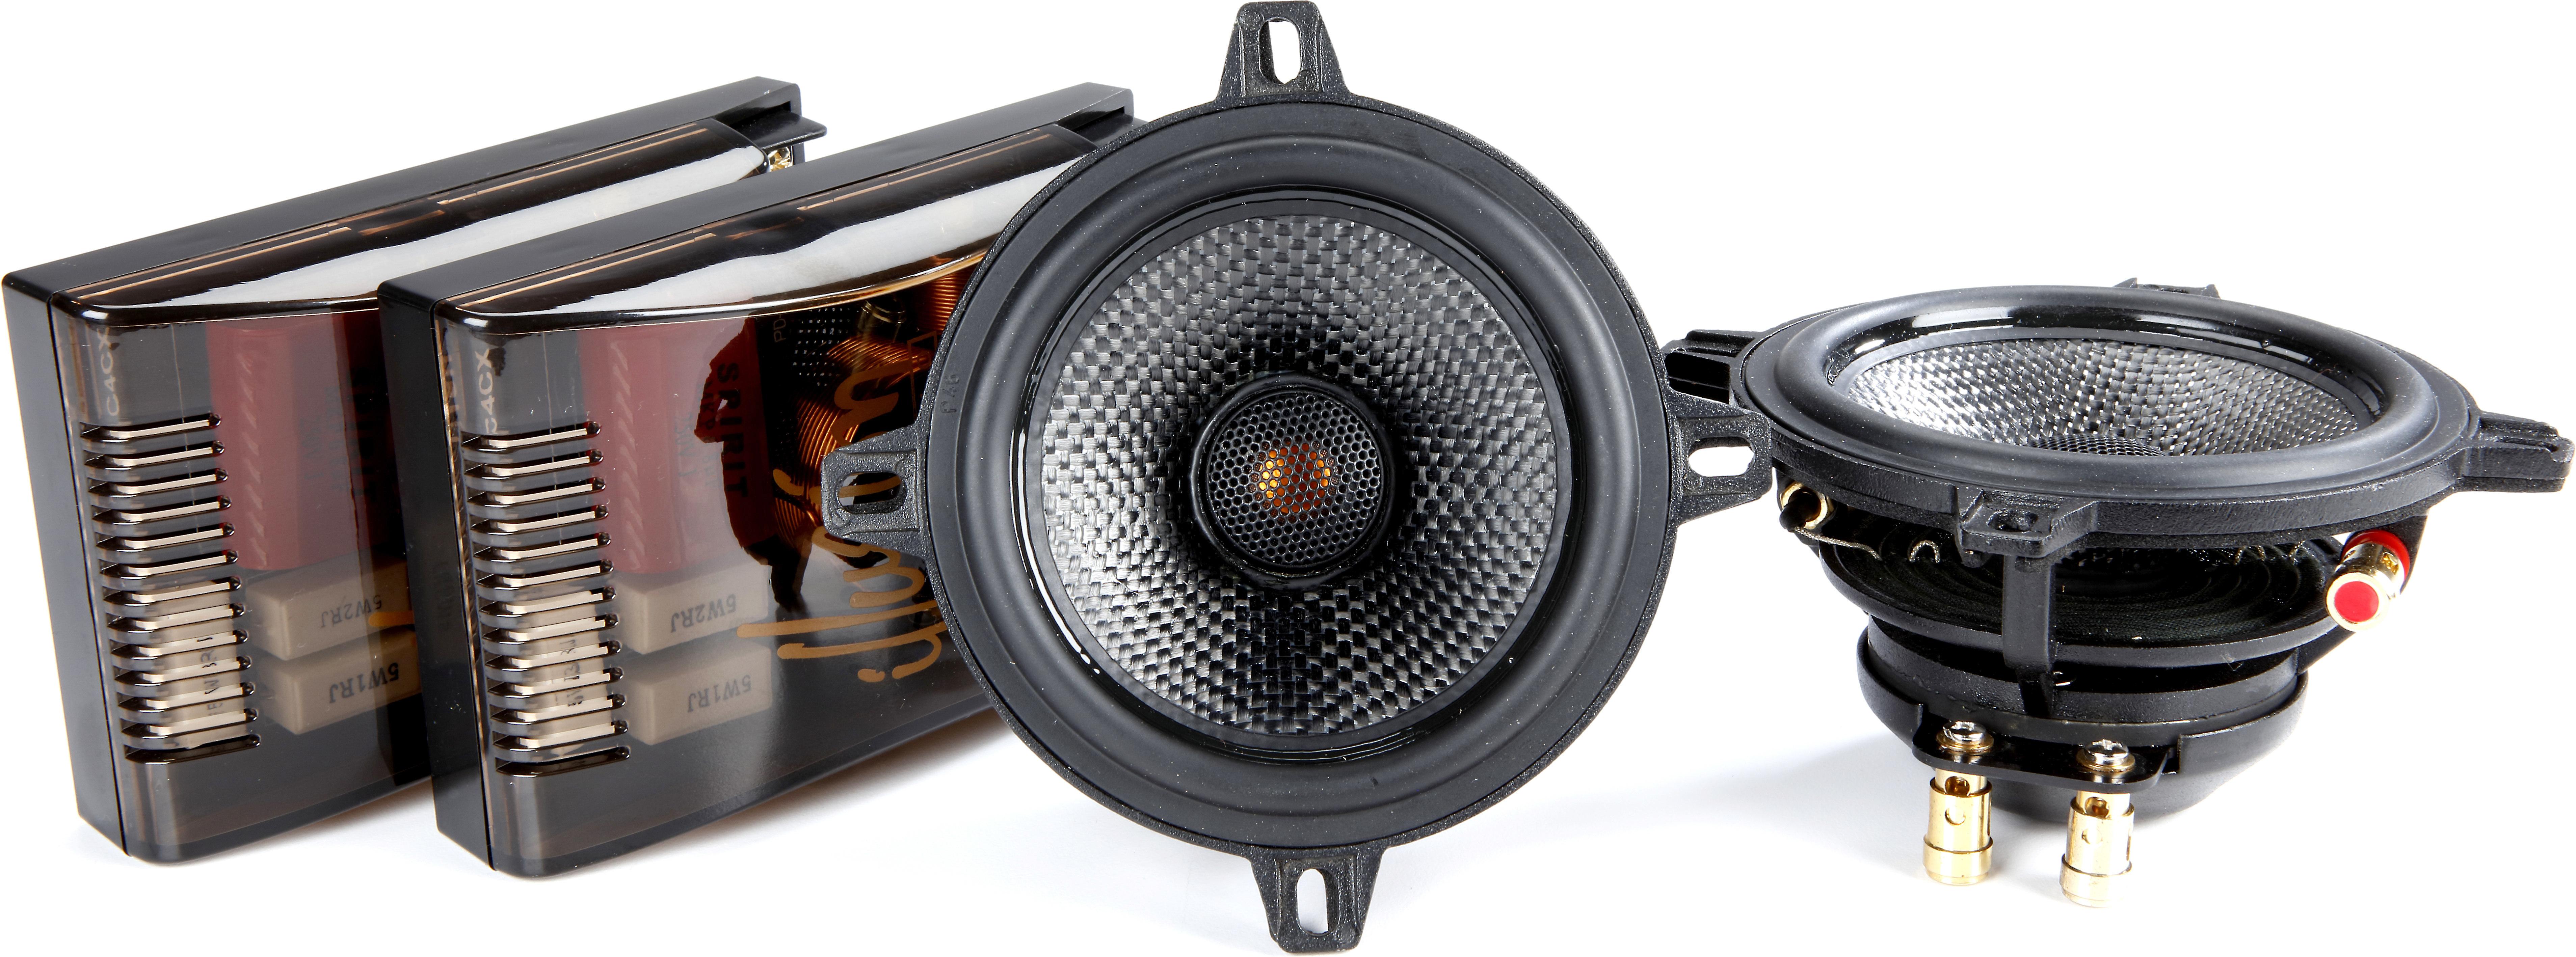 Illusion Audio Carbon C4 CX 4